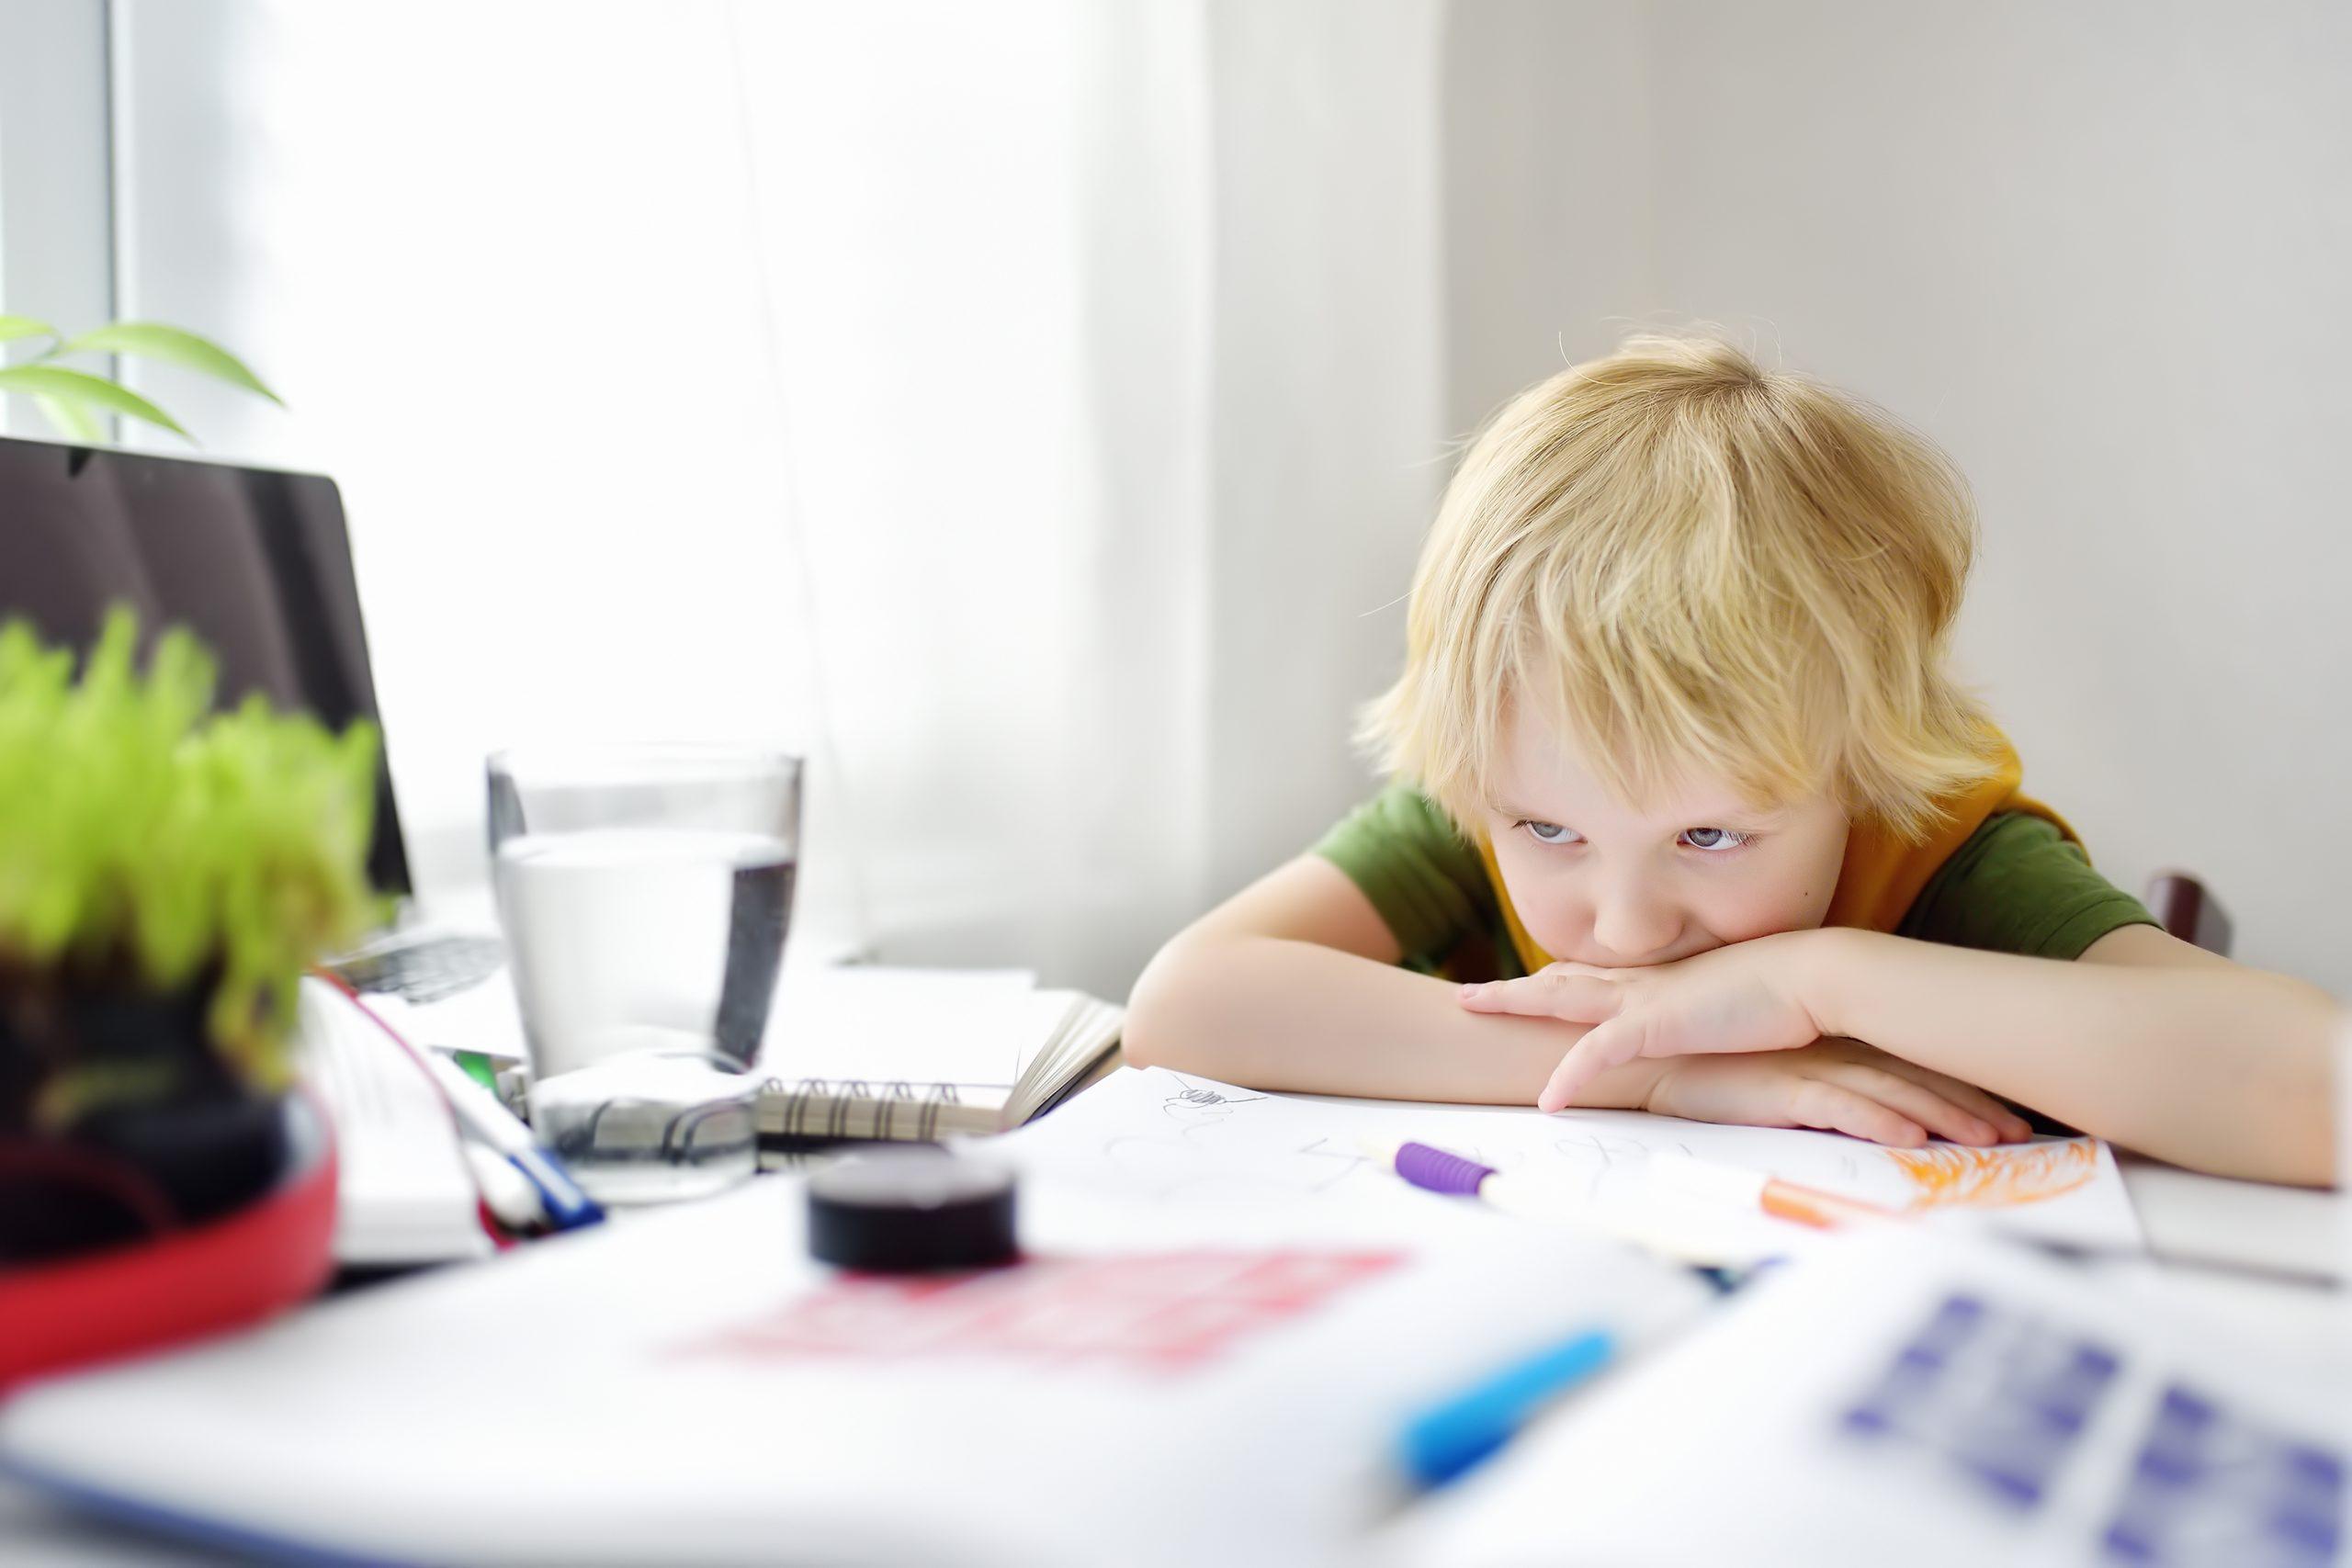 Otizm Spektrum Bozukluğu ve Bu Tanı Grubundaki Bireylerin Ebeveynleri Gözünden Değerlendirme, İLK EVİN - Özel Eğitim ve Rehabilitasyon Merkezi